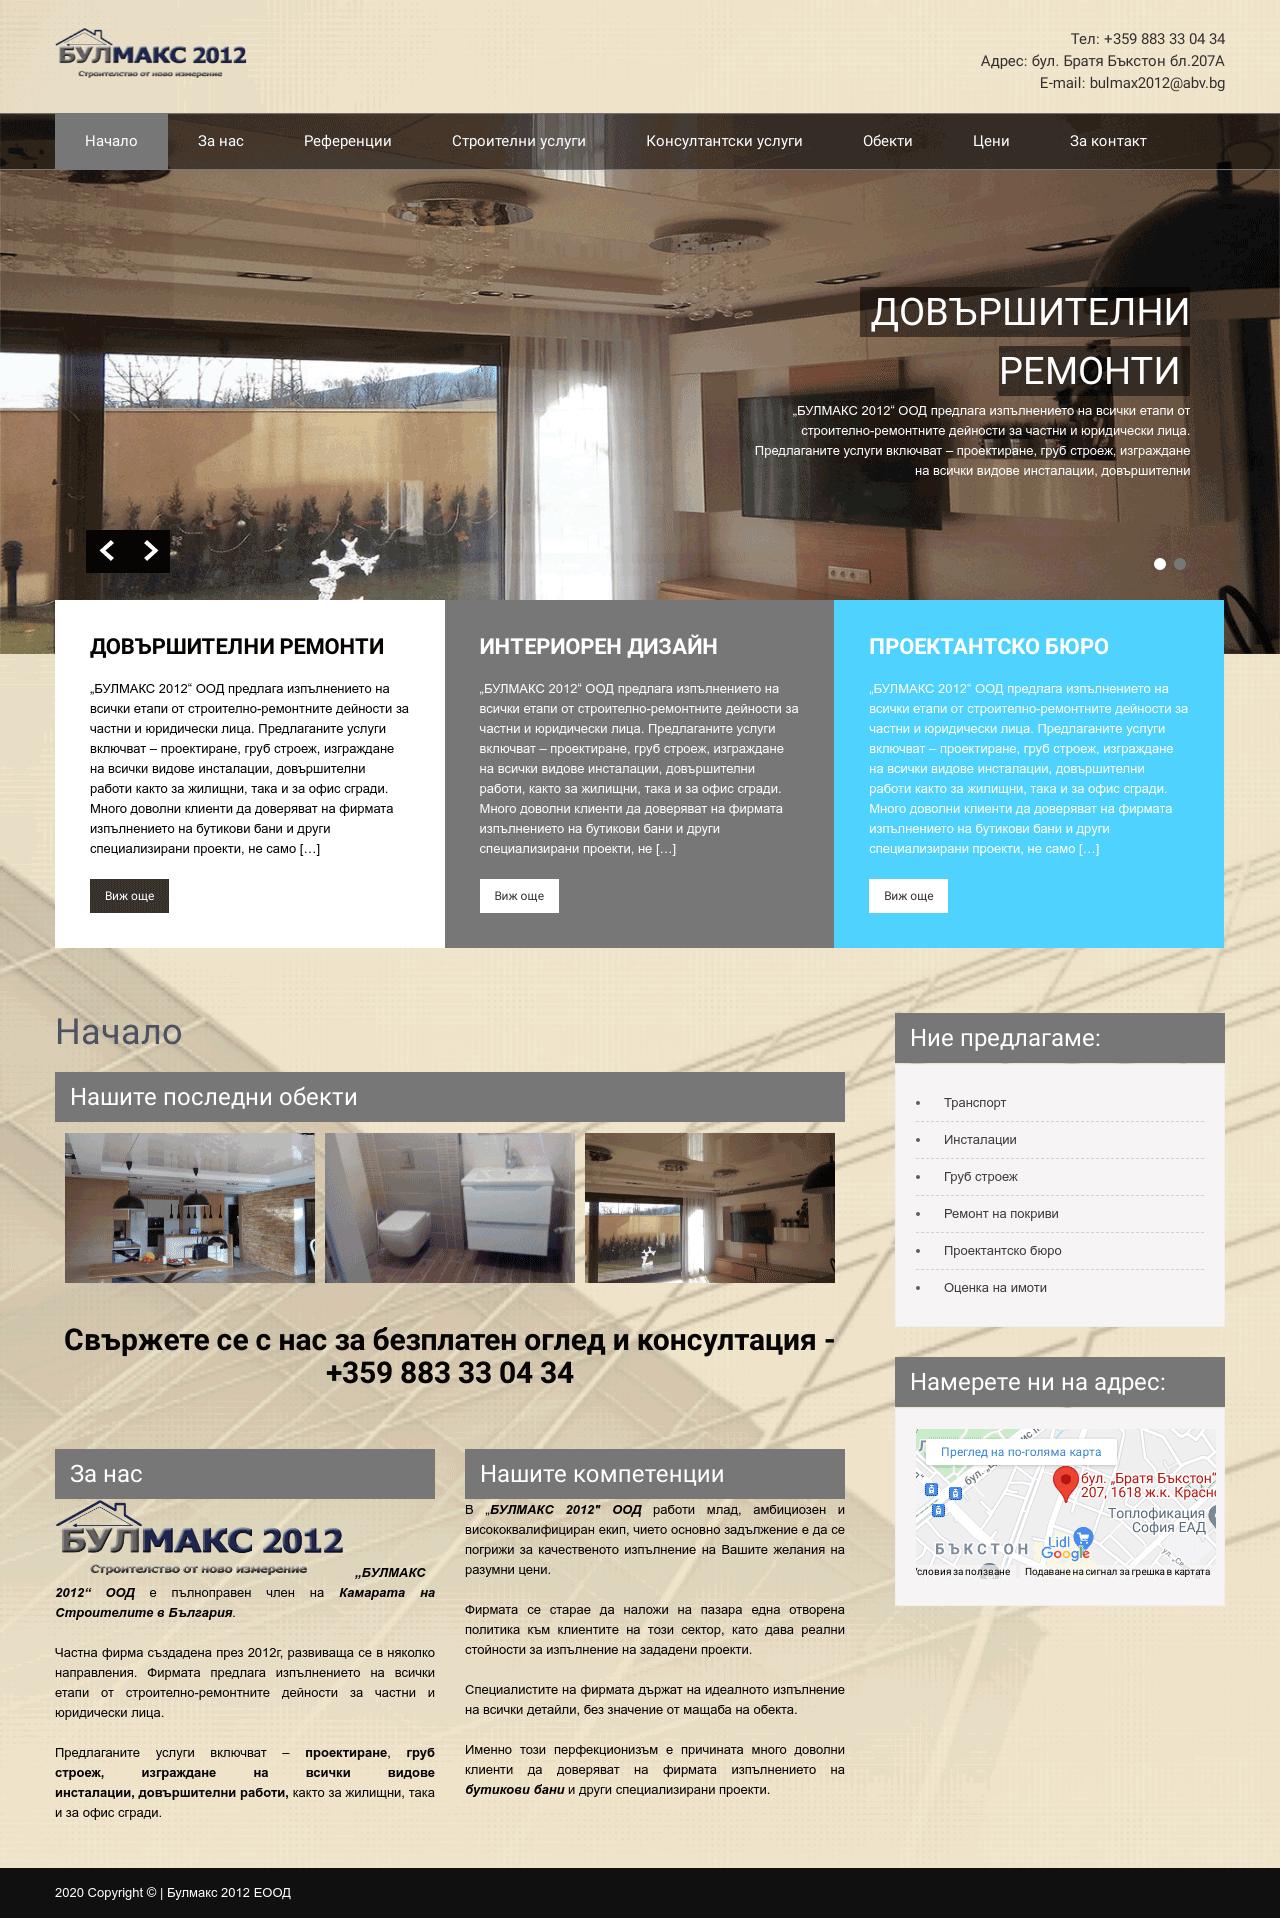 Изработка на сайт за довършителни ремонти и интериорен дизайн от екипа на GS-WebCreator